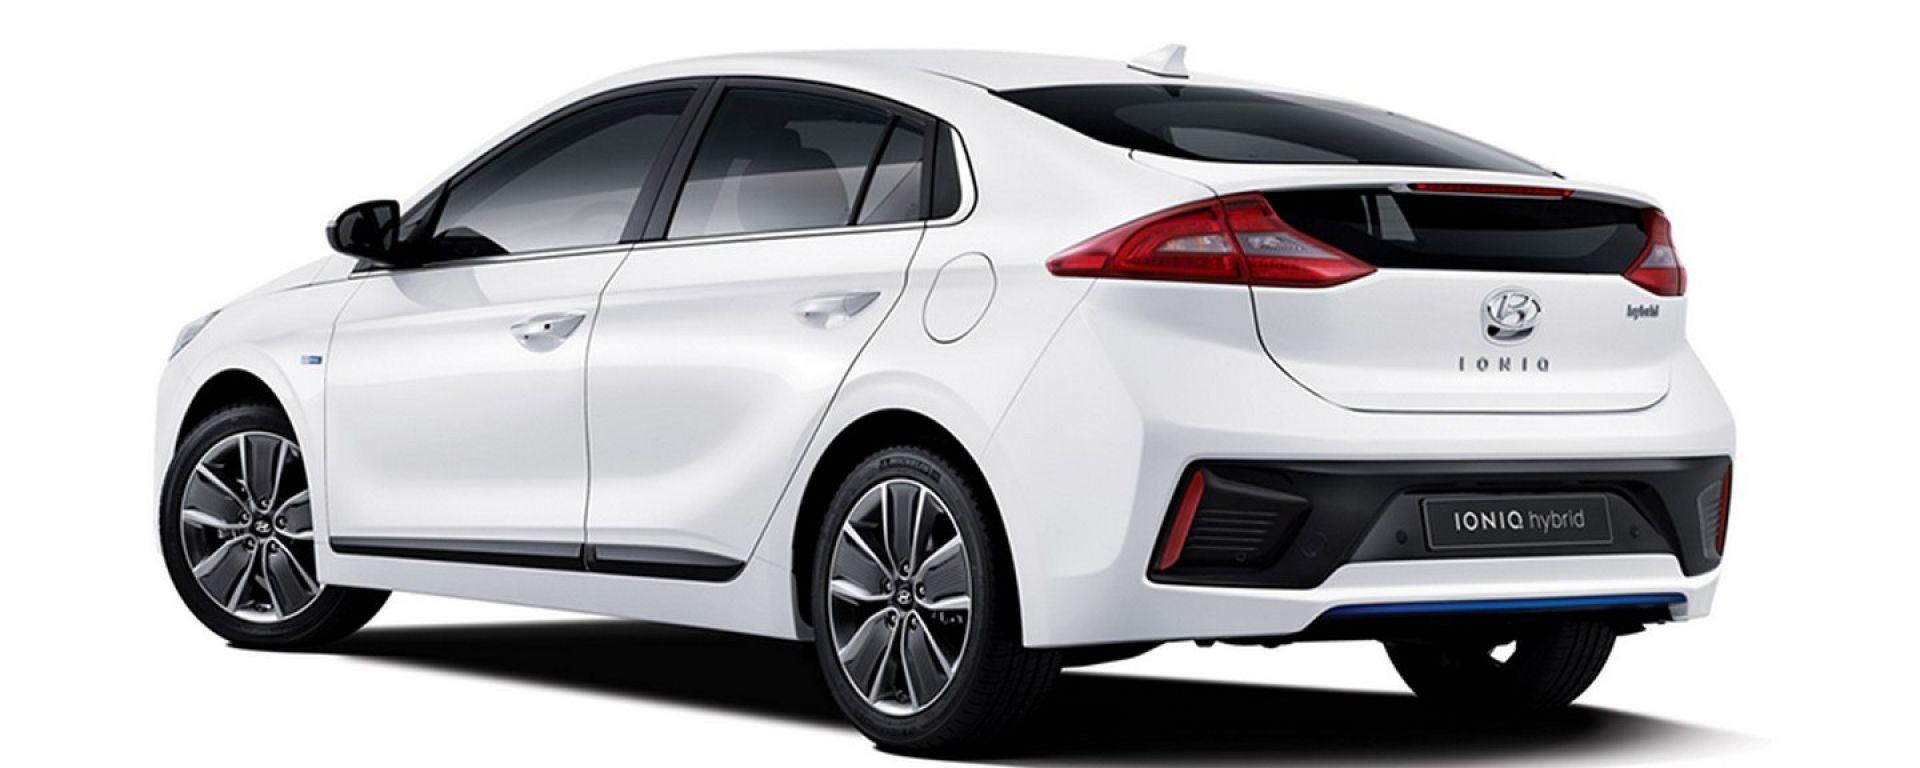 Hyundai Ioniq, nuove immagini e informazioni